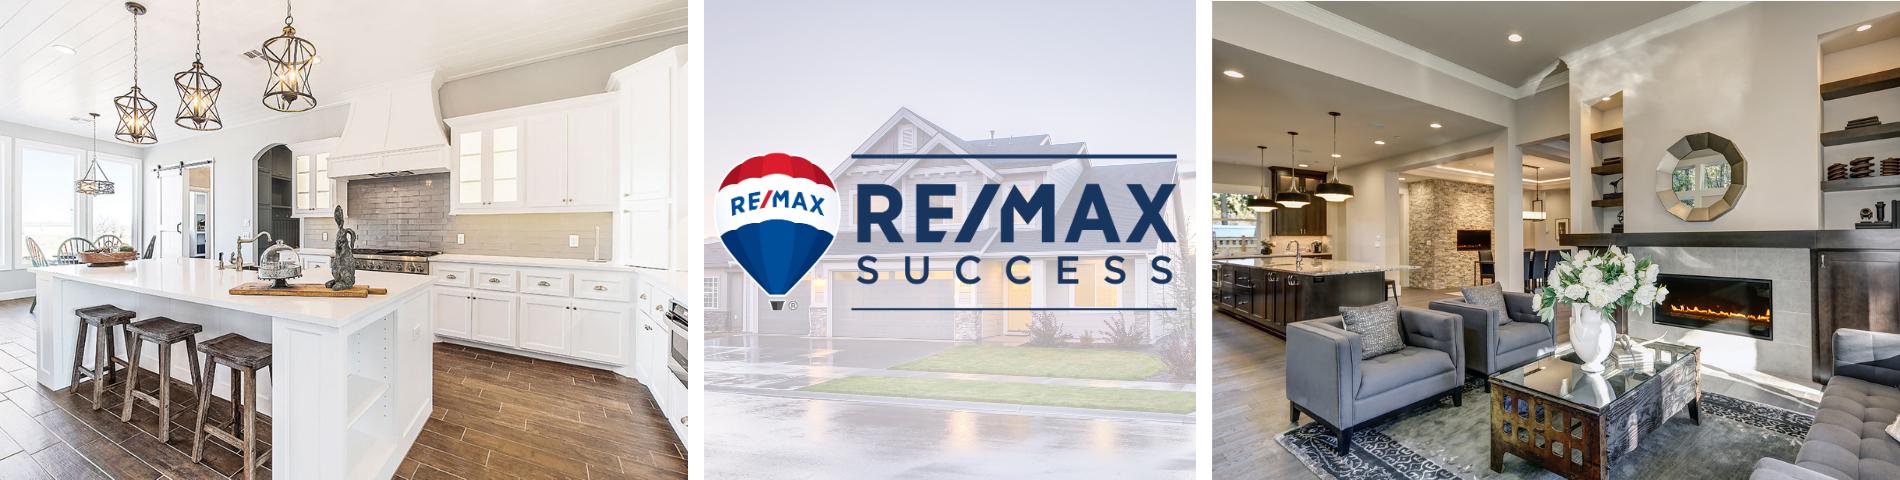 RE/MAX Success